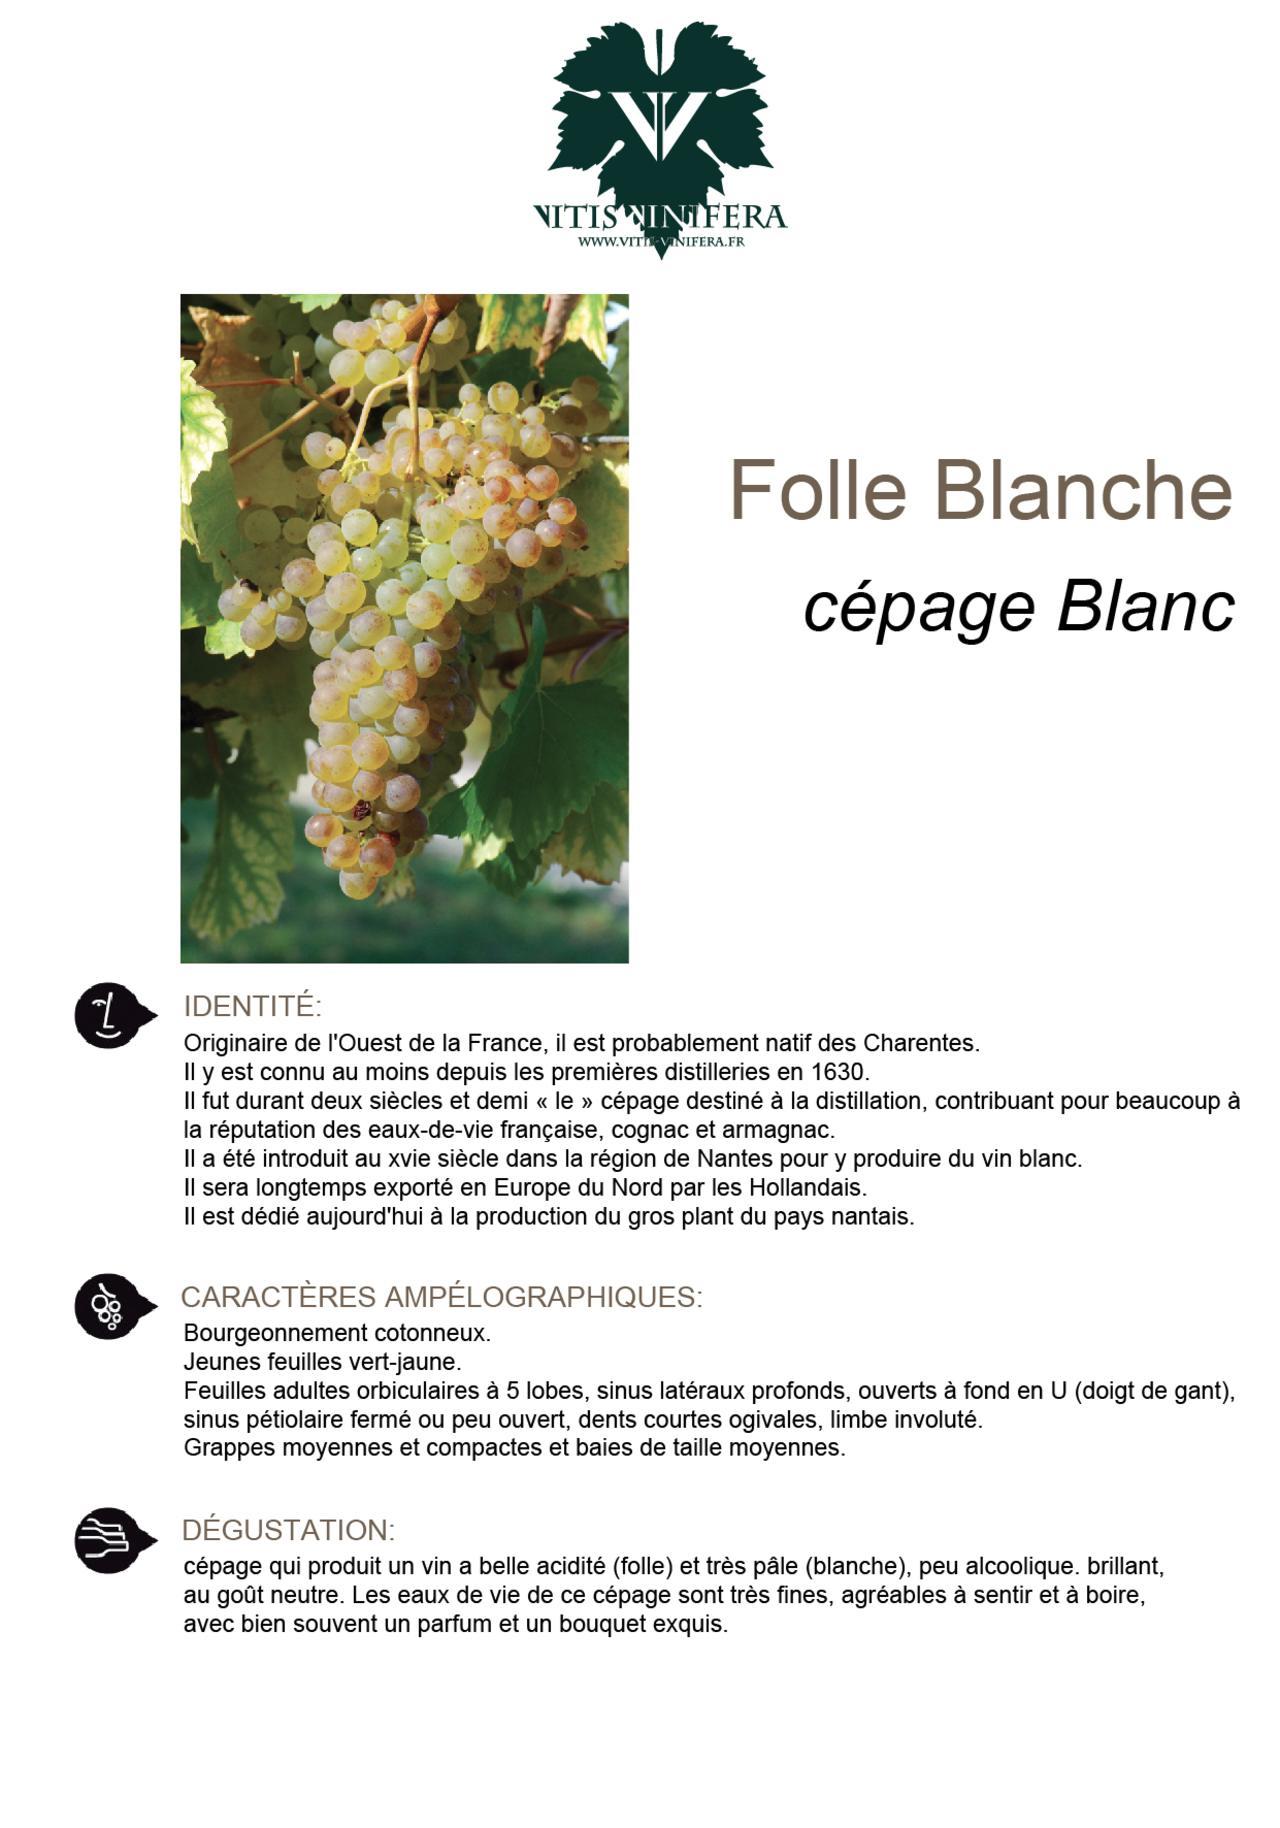 CÉPAGE - FOLLE BLANCHE